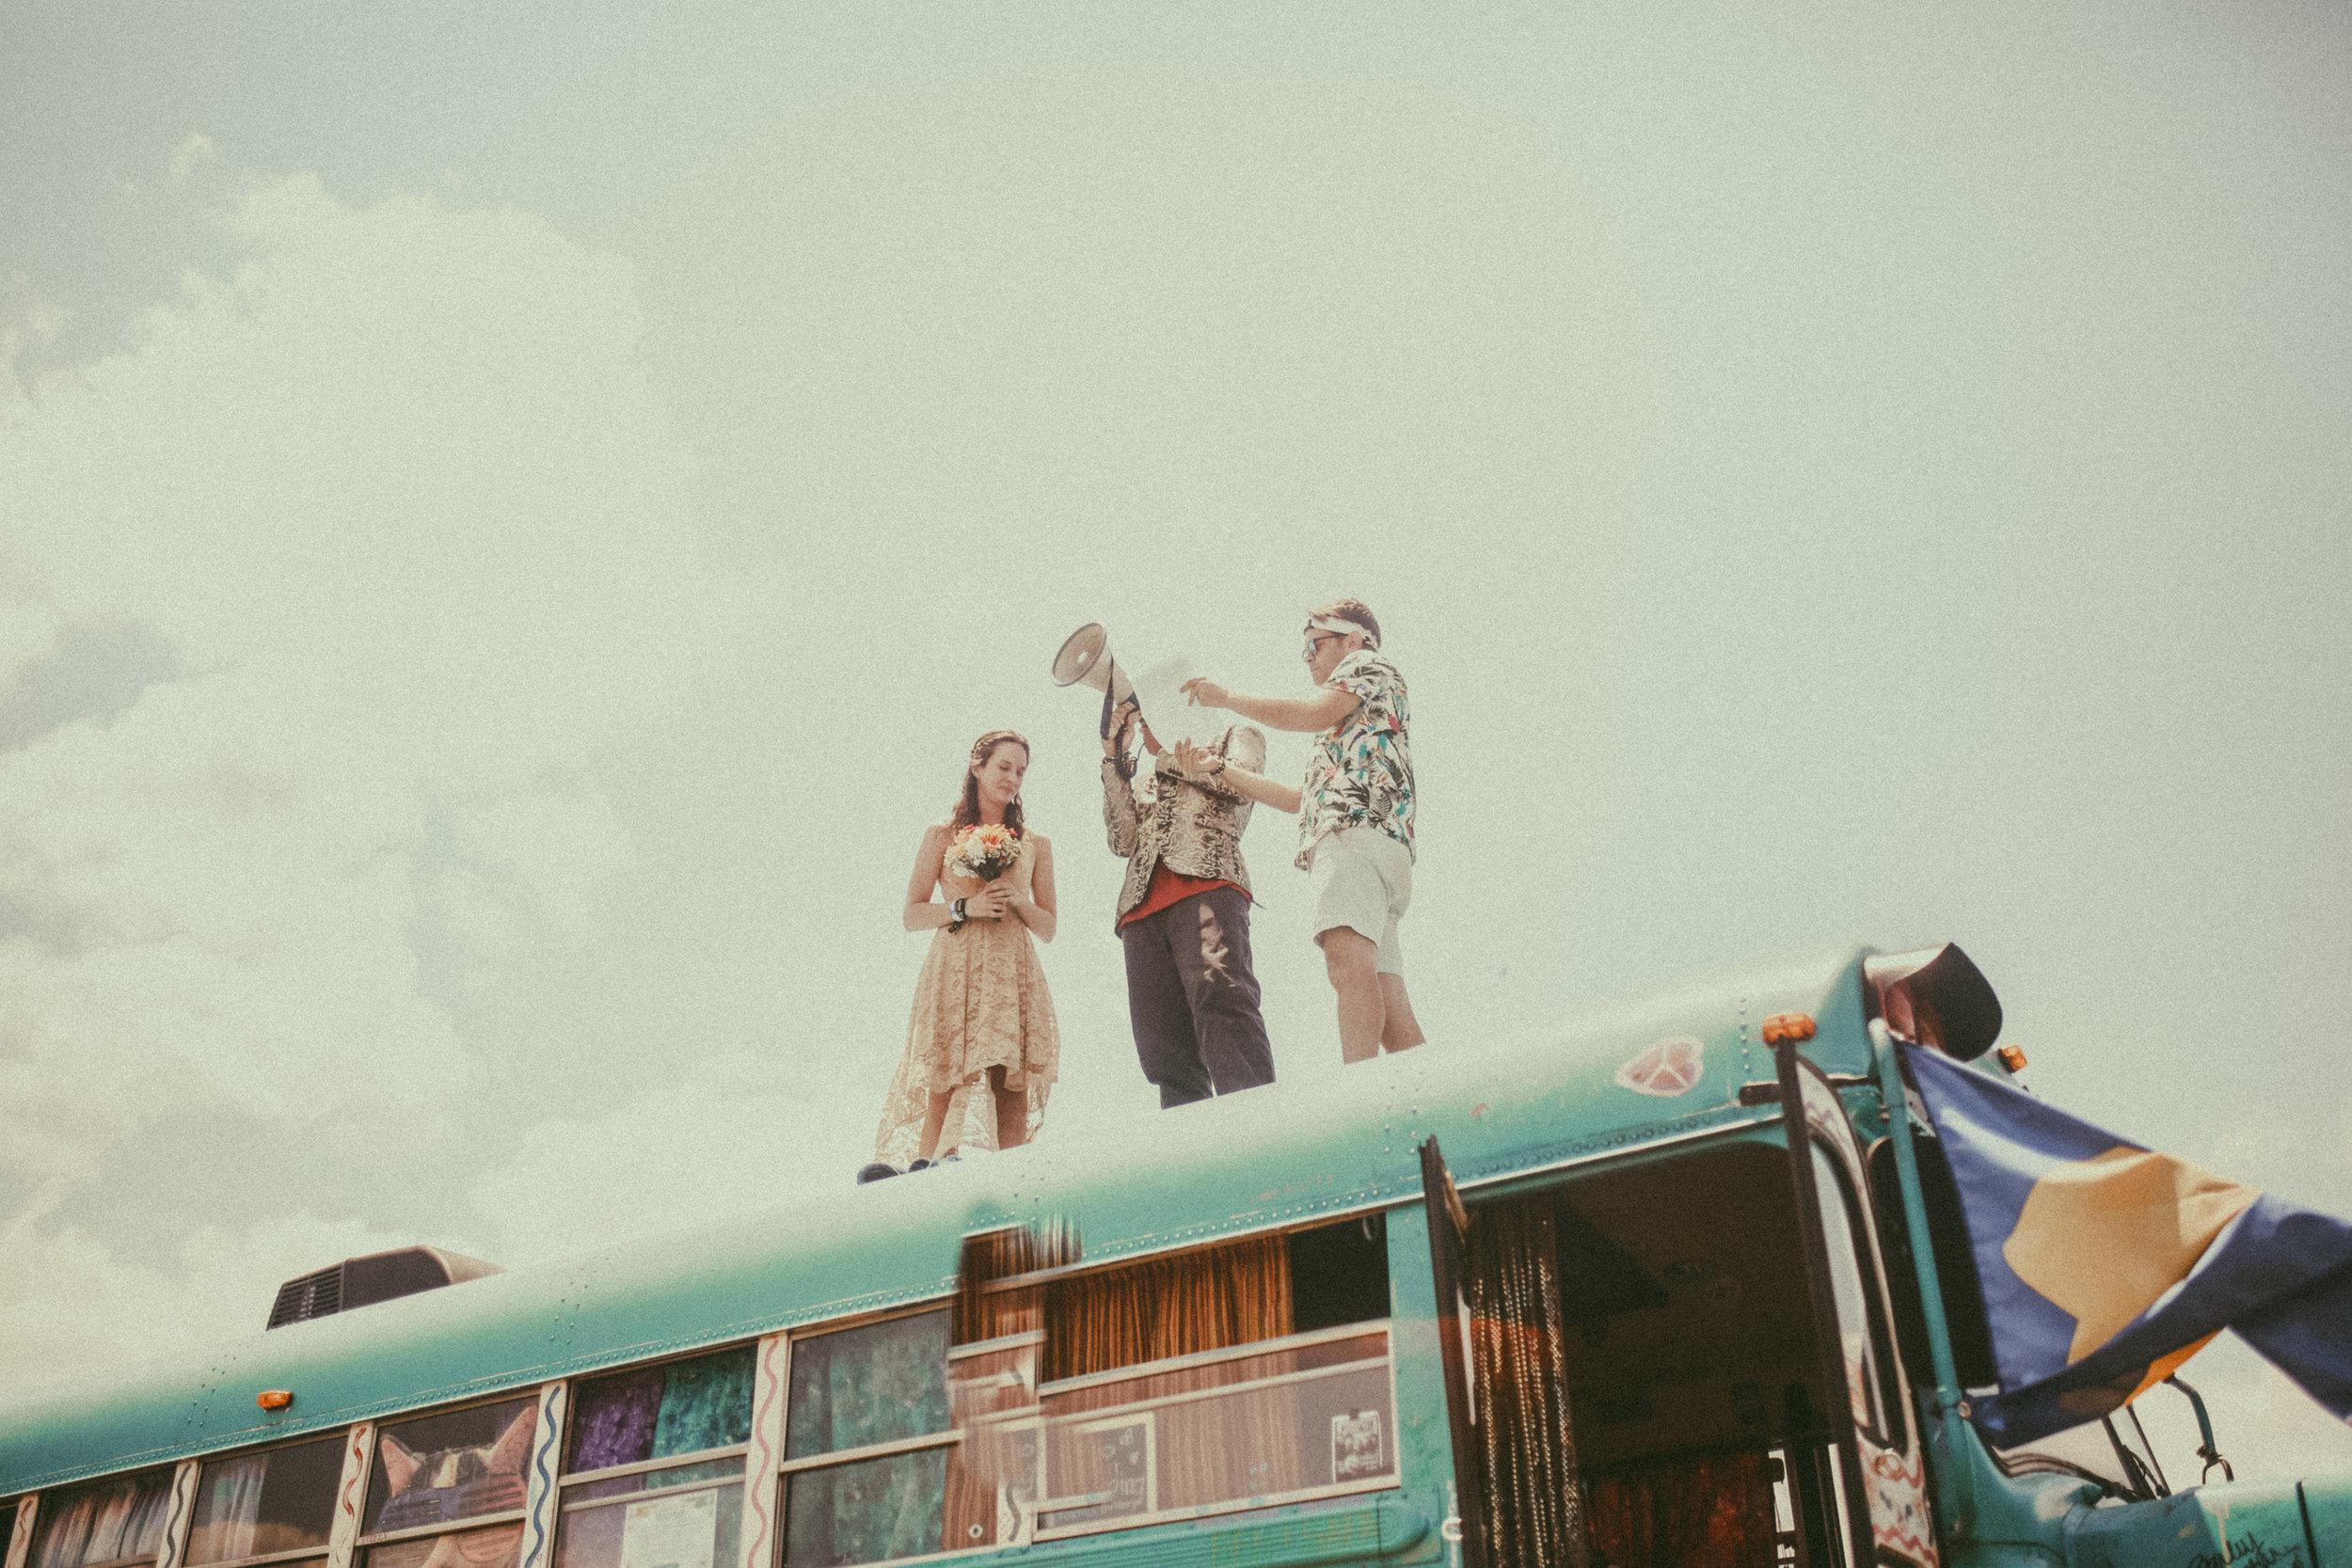 Bonnaroo-MusicFestivalWedding-Brittany&Kevin-22.jpg